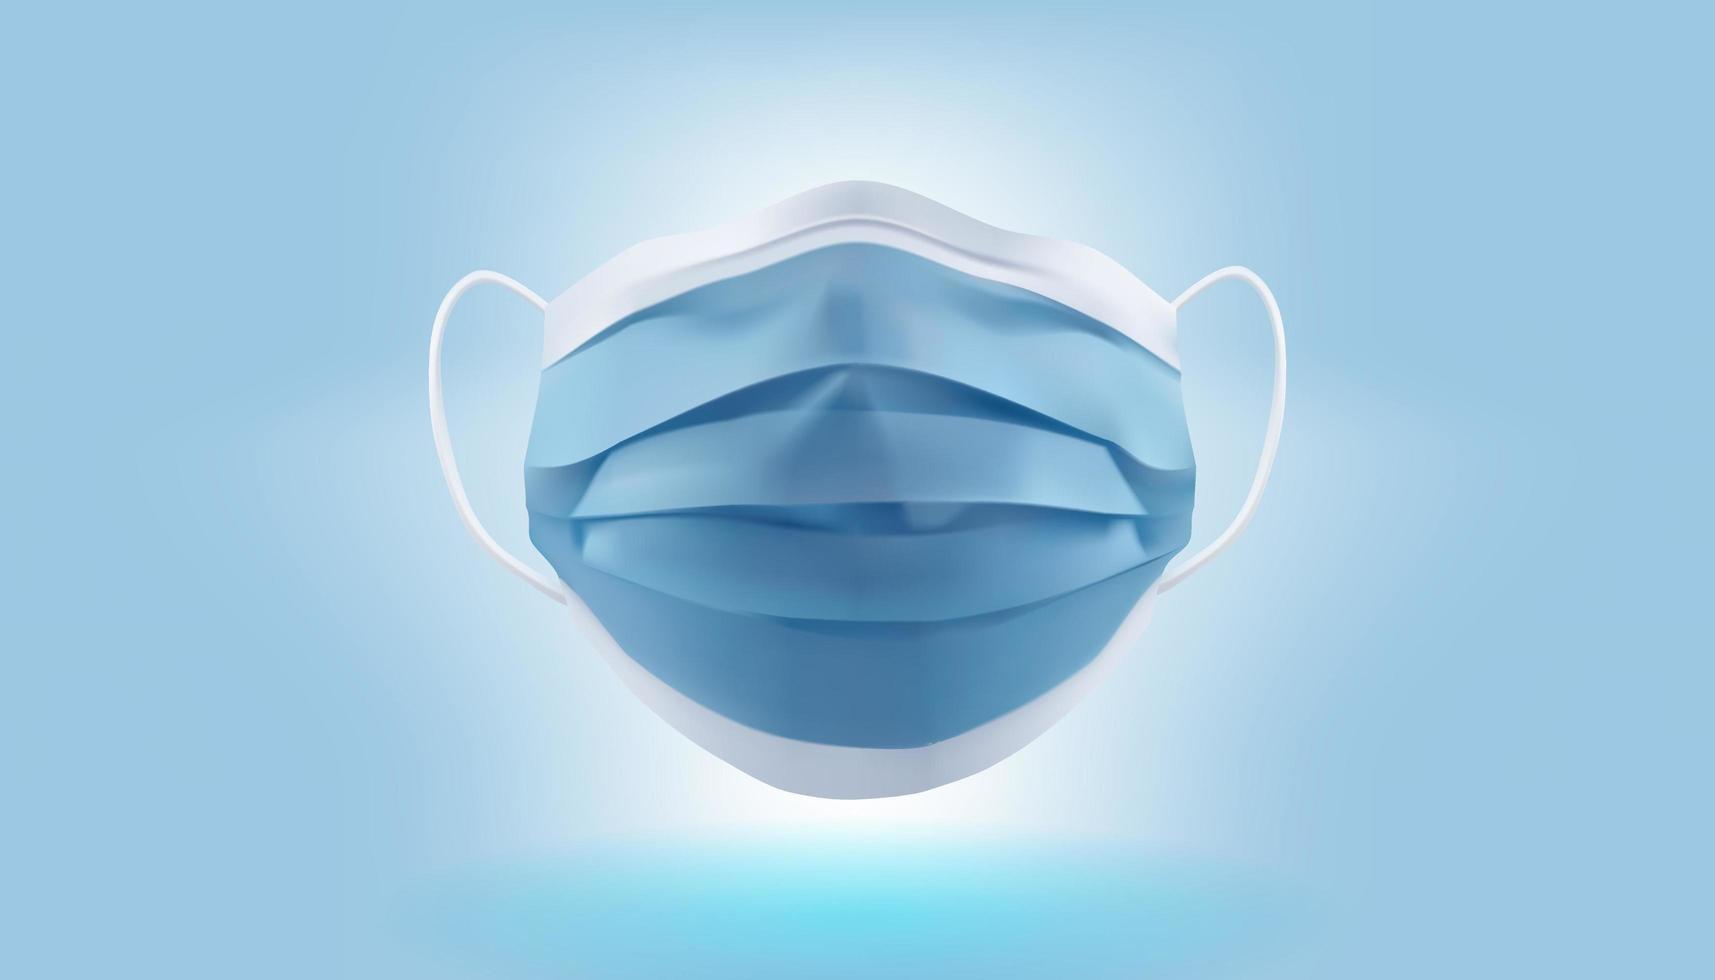 máscara facial médica azul realista vetor